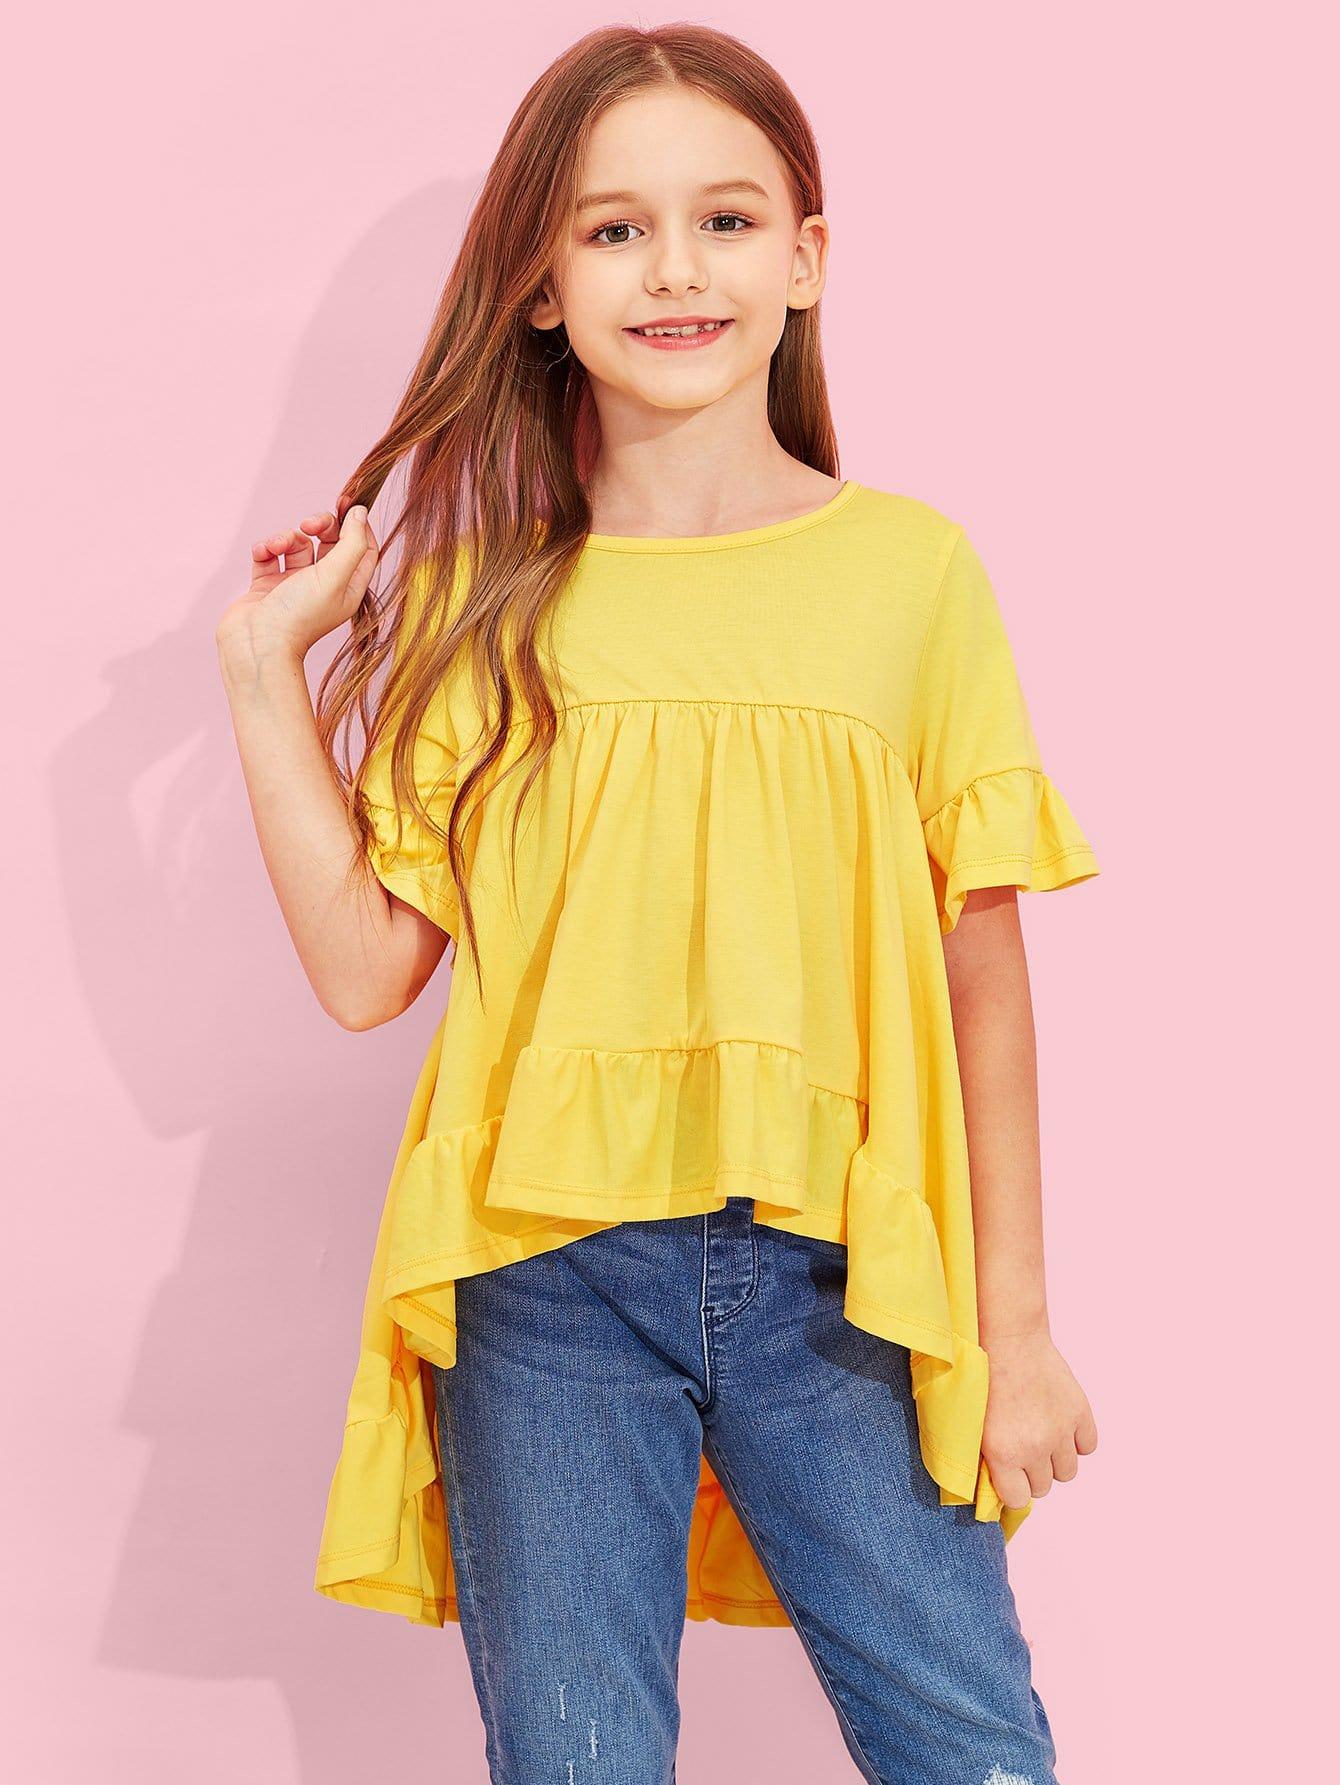 Купить Для девочек блузка с оборкой отделкой, Sashab, SheIn